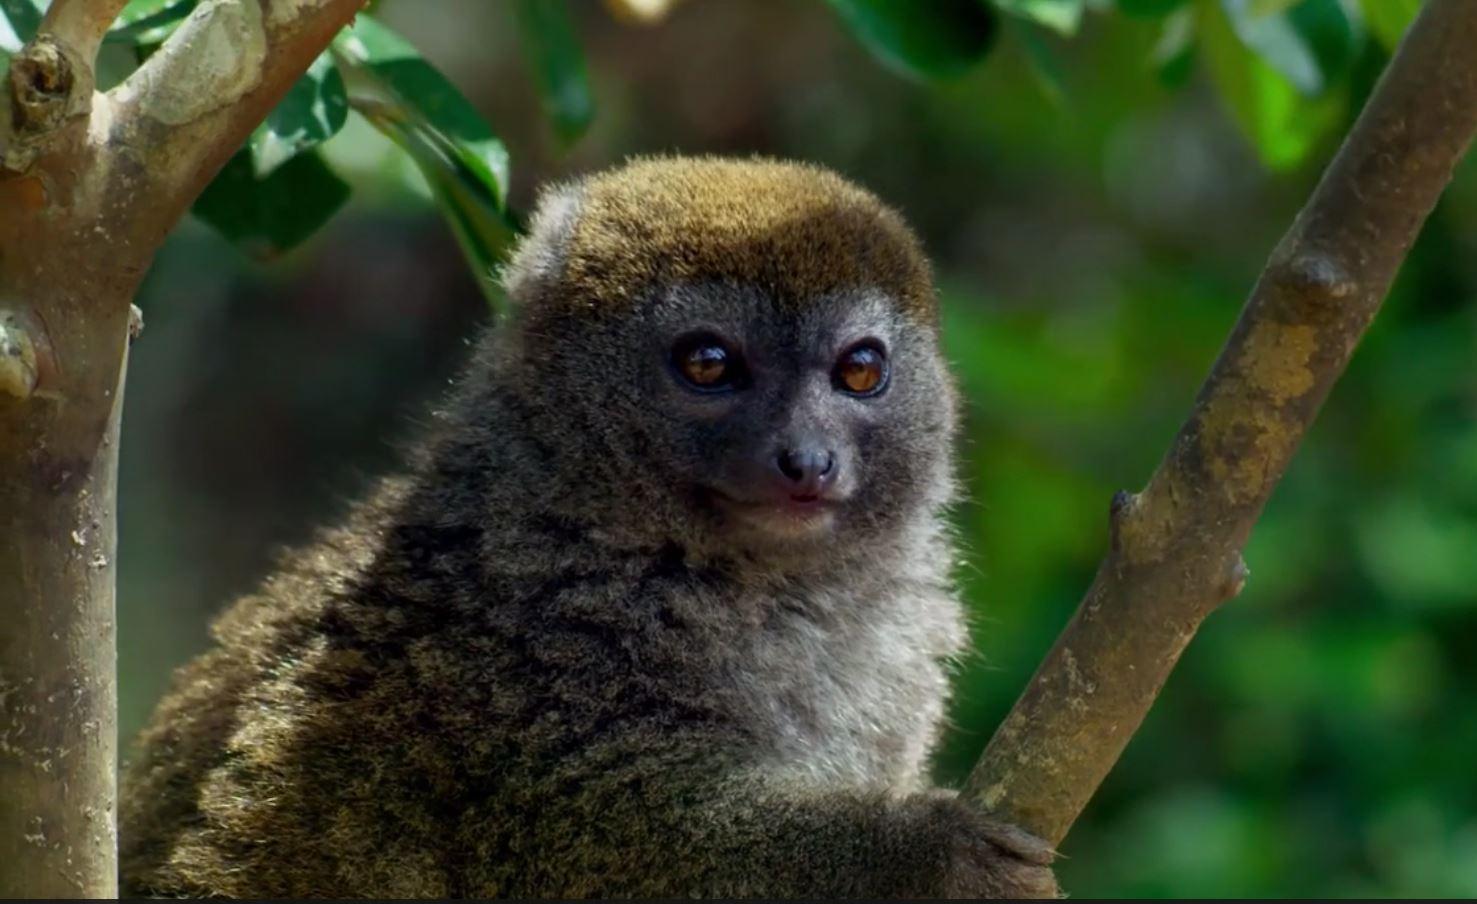 مترجم – كوكب الأرض الموسم الثاني : ح3 الغابات - موقع علوم العرب